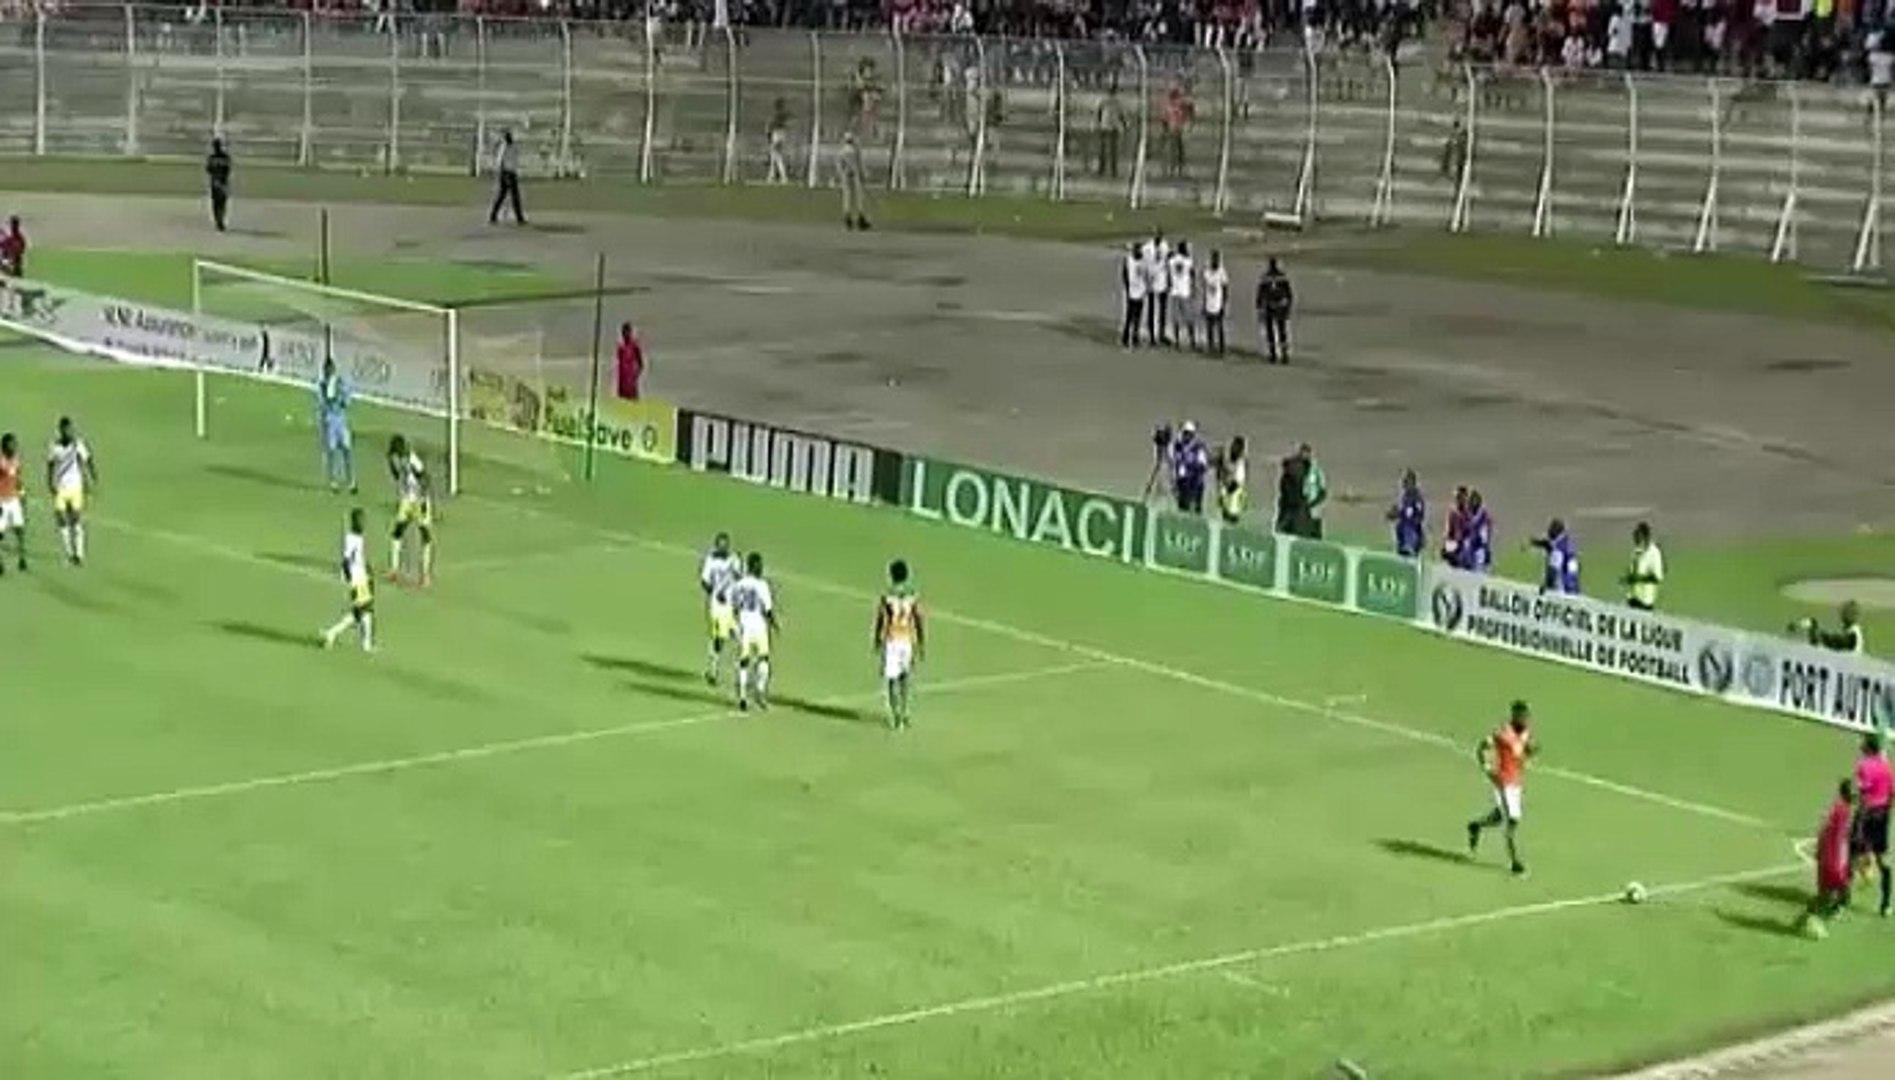 Salif Coulibaly own goal - Ivory Coast 2-1 Mali - (08/10/2016)